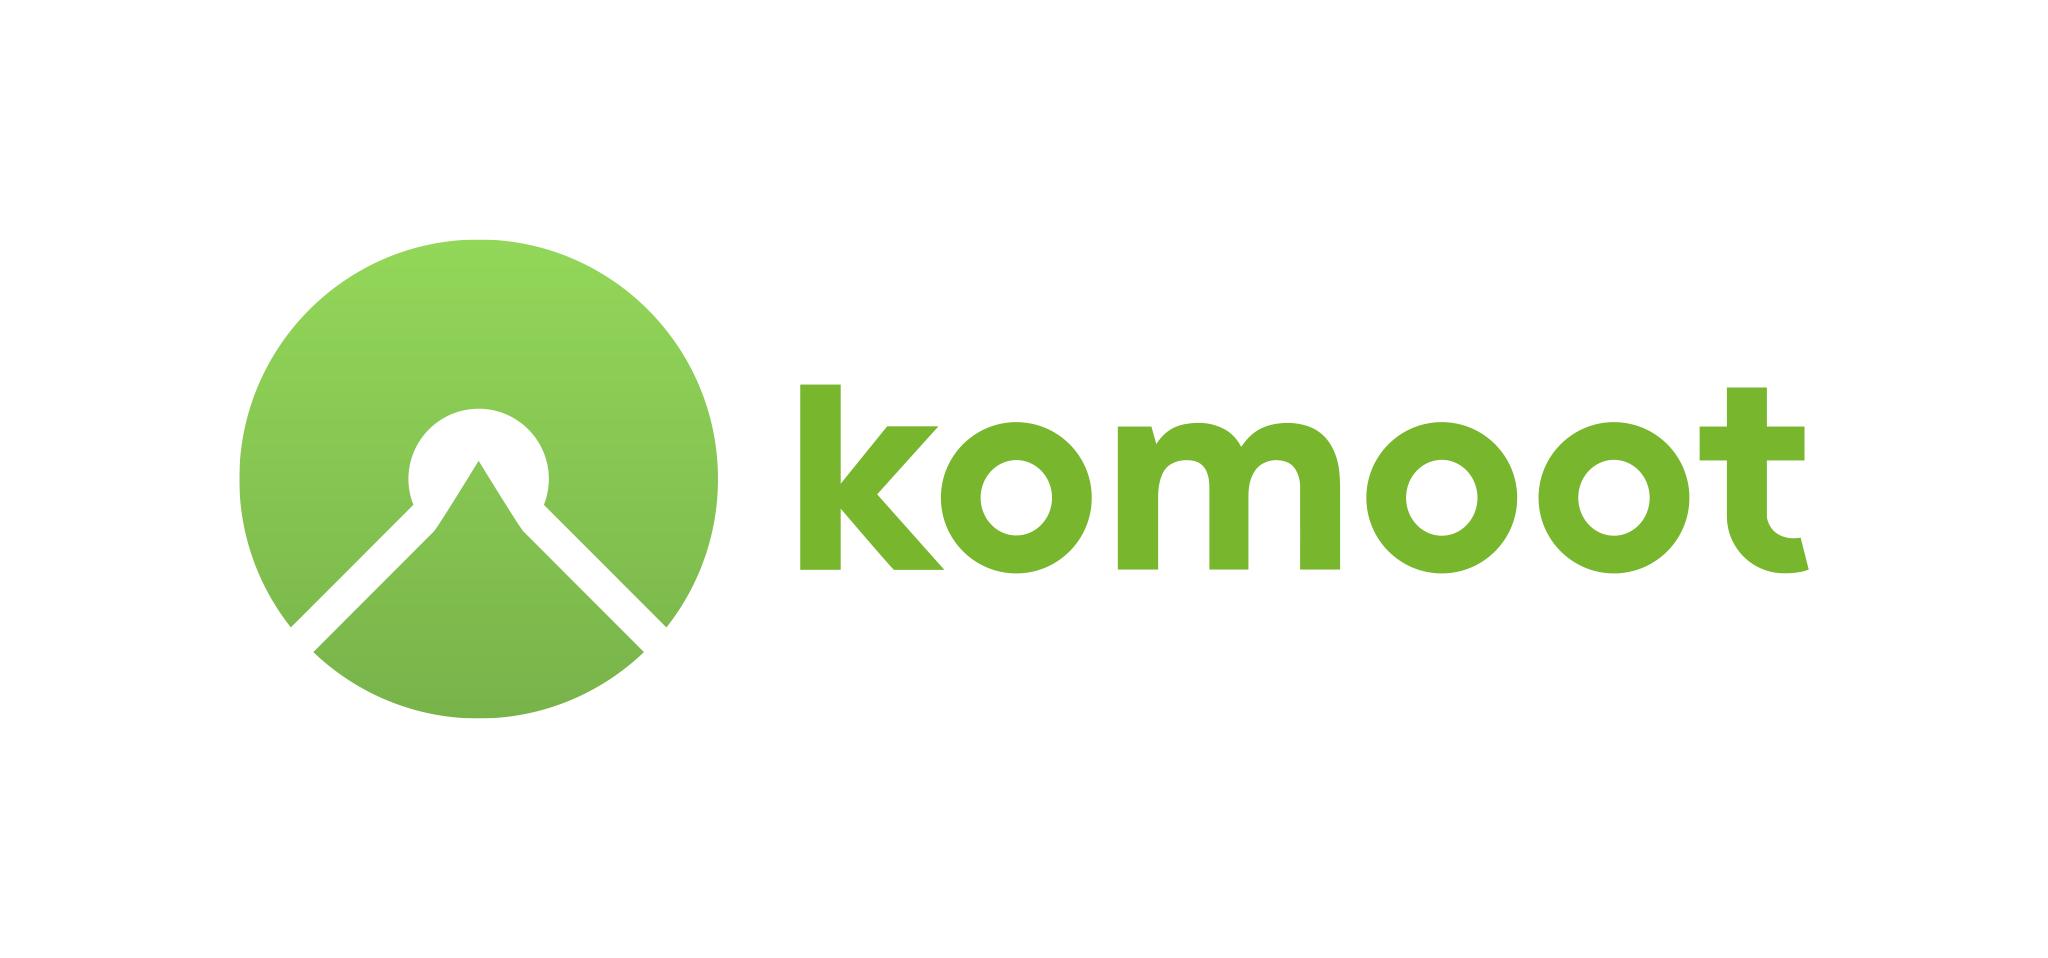 265096-komoot_logo_web_2-c51a5e-original-1511257081.png